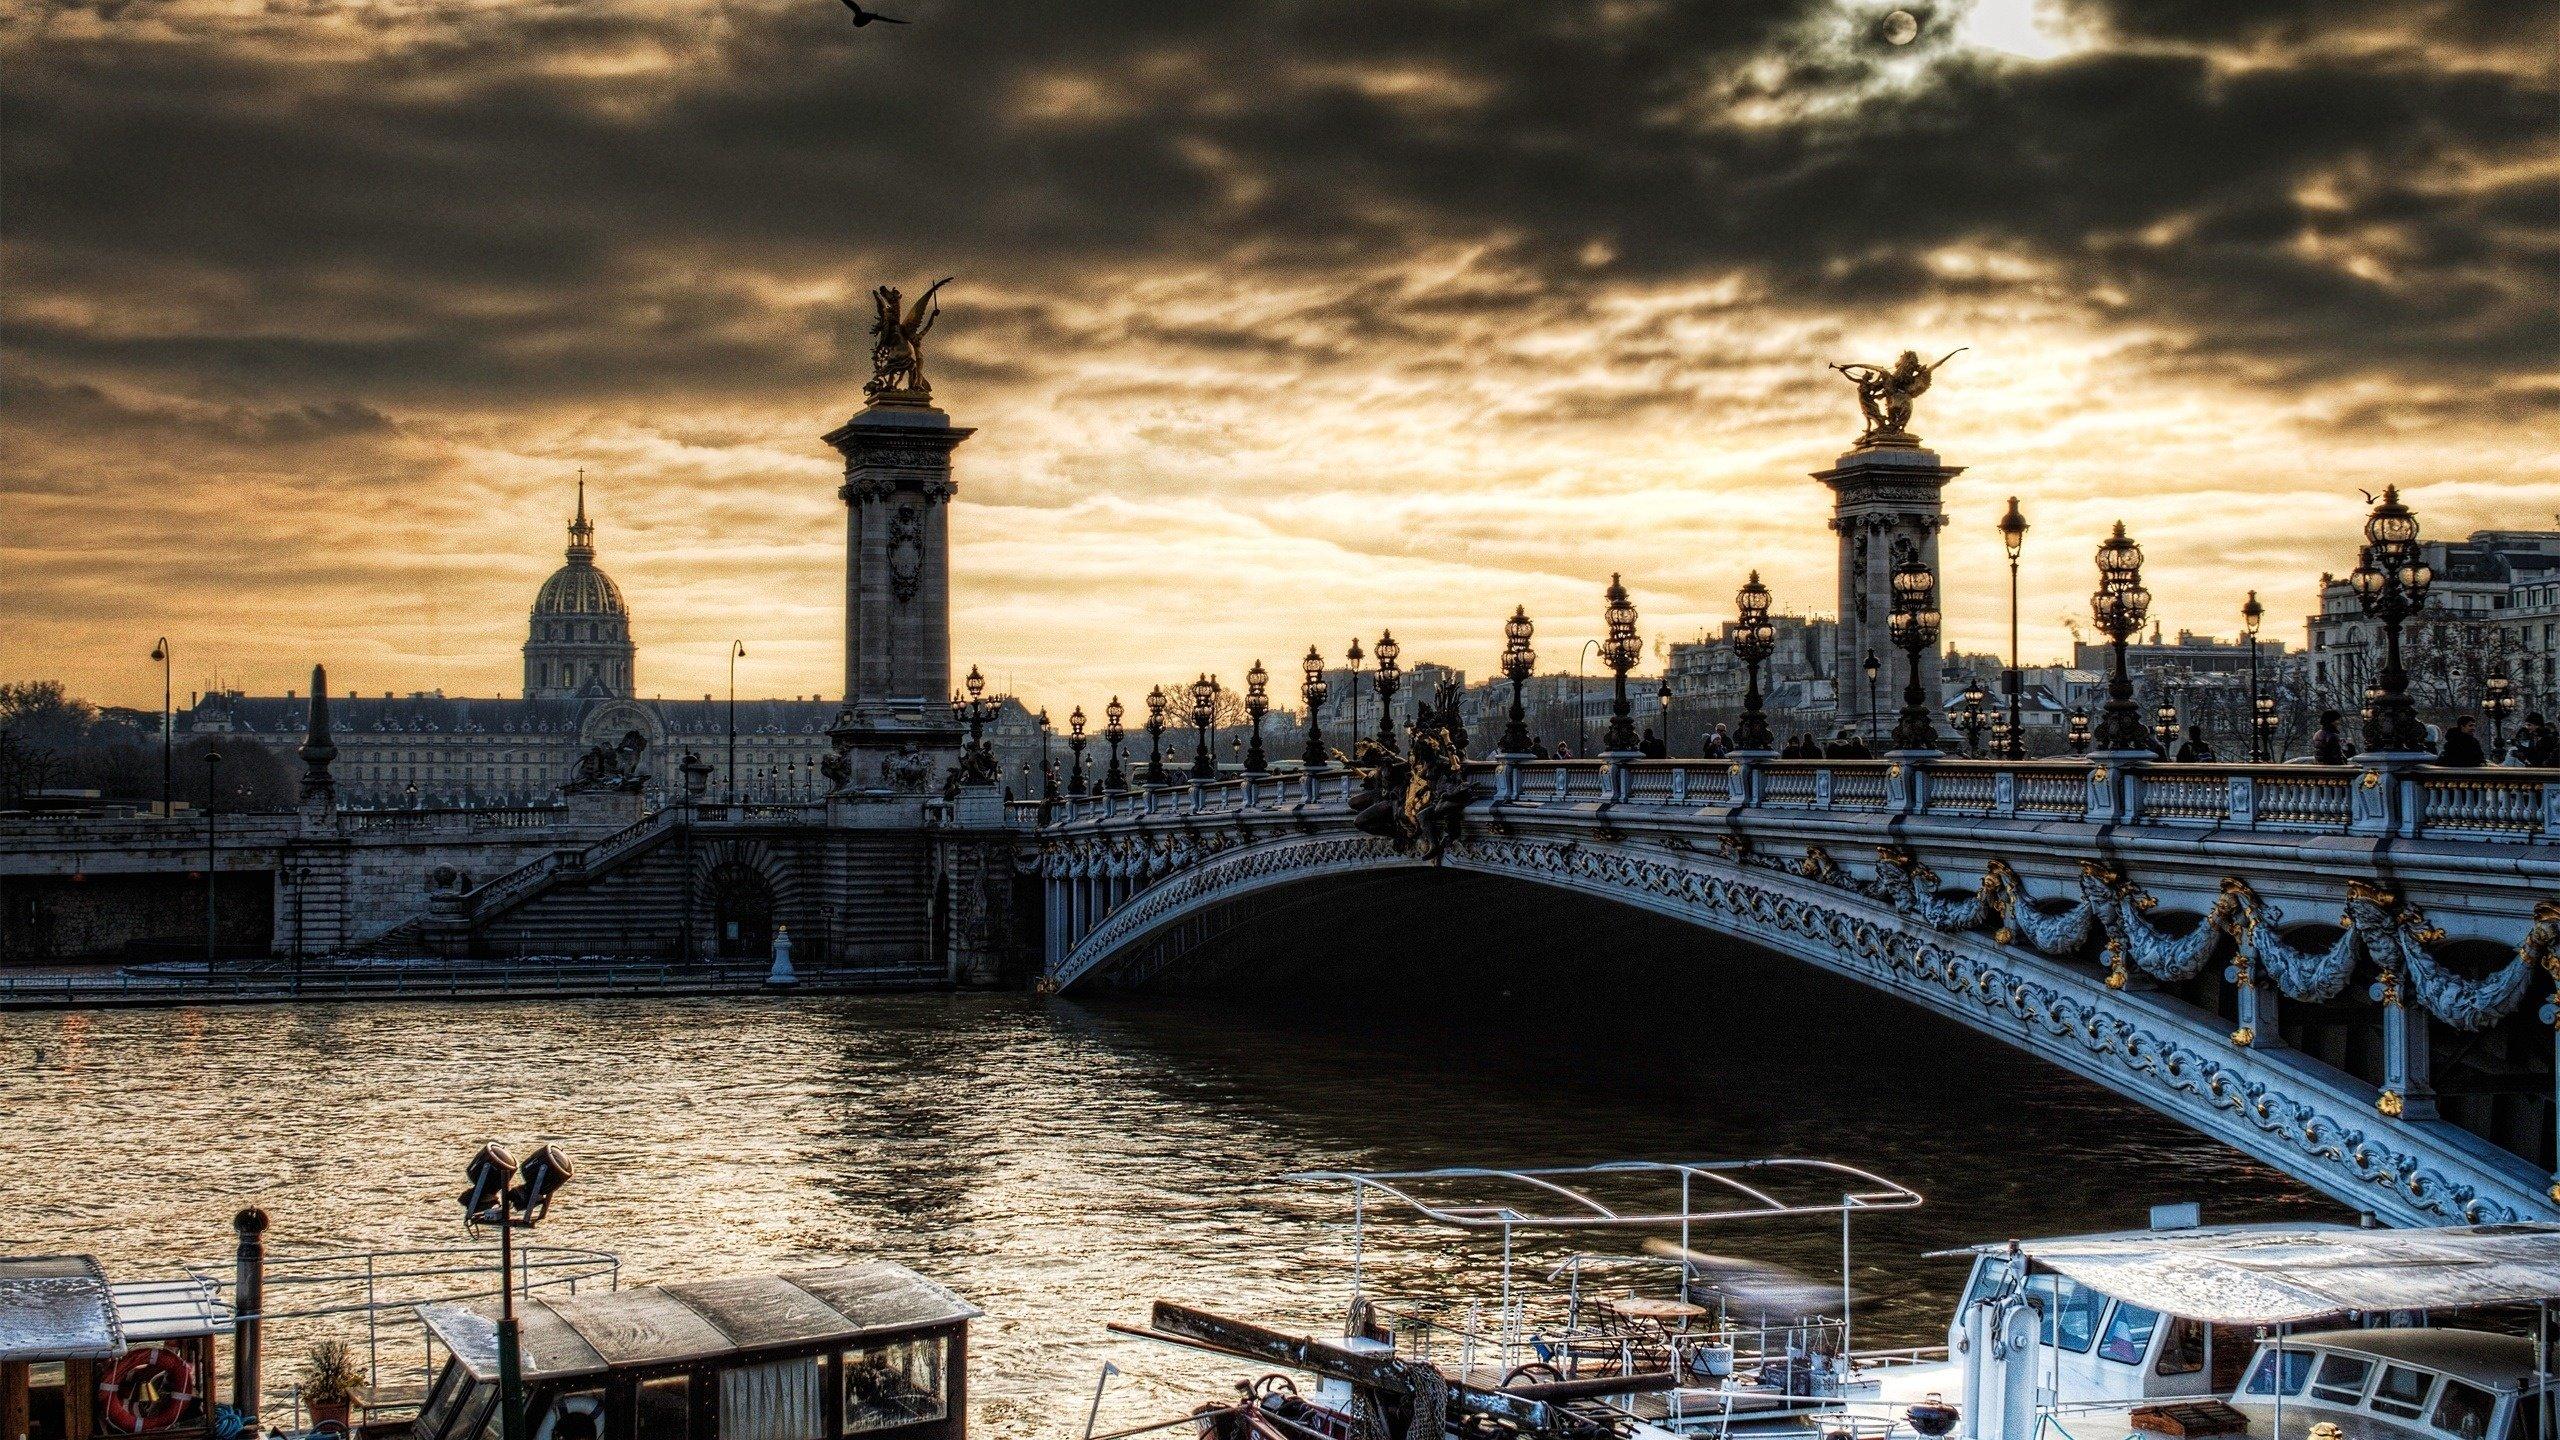 Обои pont alexandre iii, мост александра iii, paris, france. Города foto 14